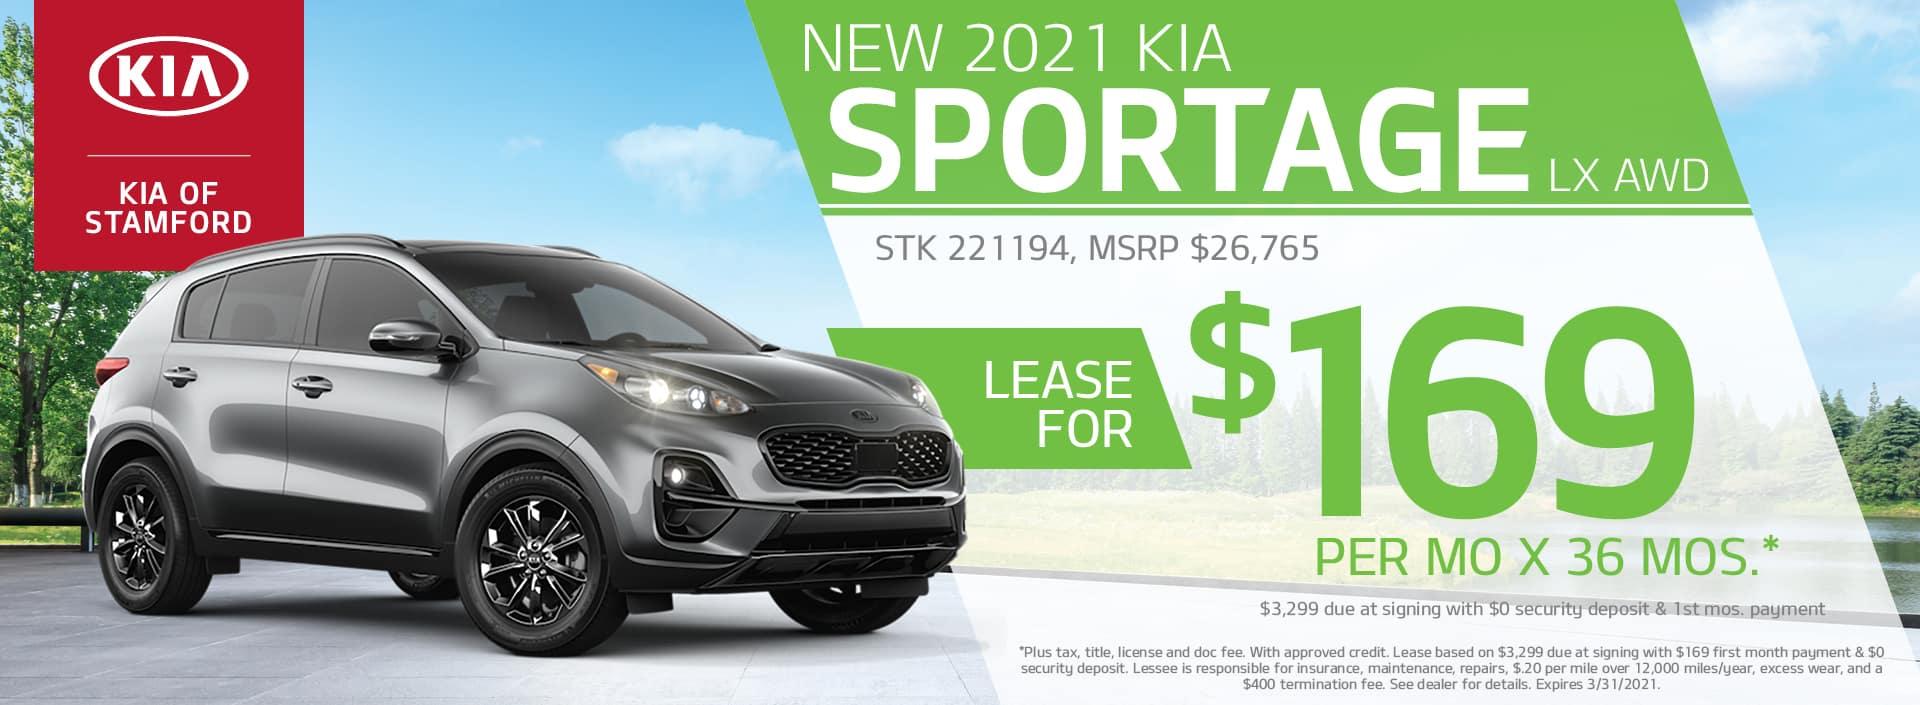 2021 Kia Sportage Lease Offer | Kia Of Stamford